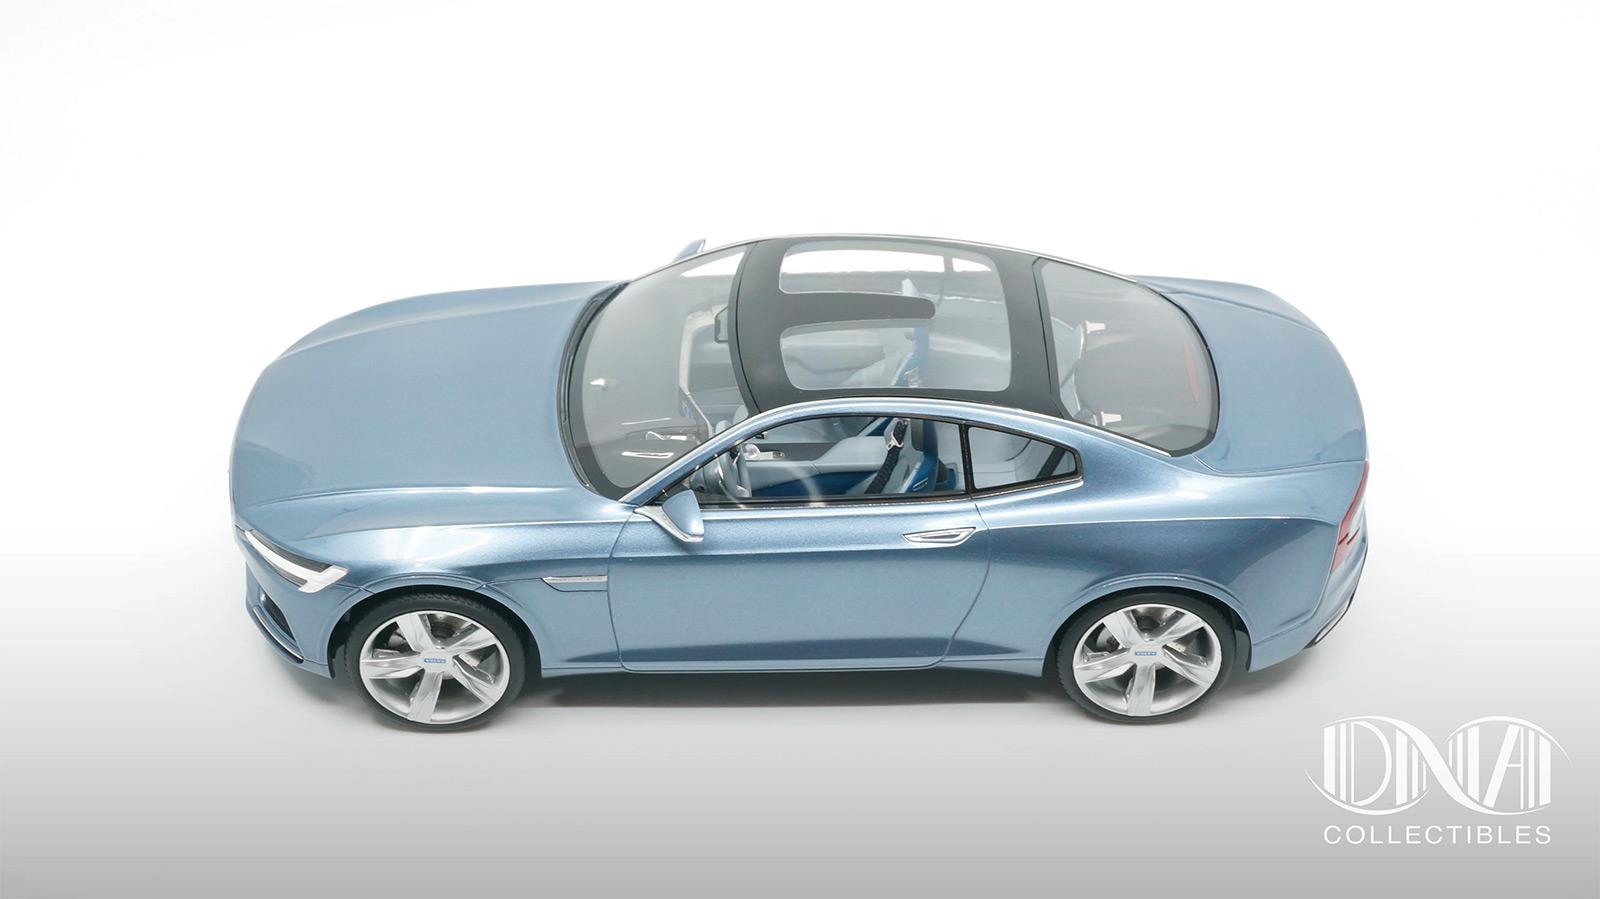 Profil de la Volvo Concept Coupé DNA Collectibles 1/18